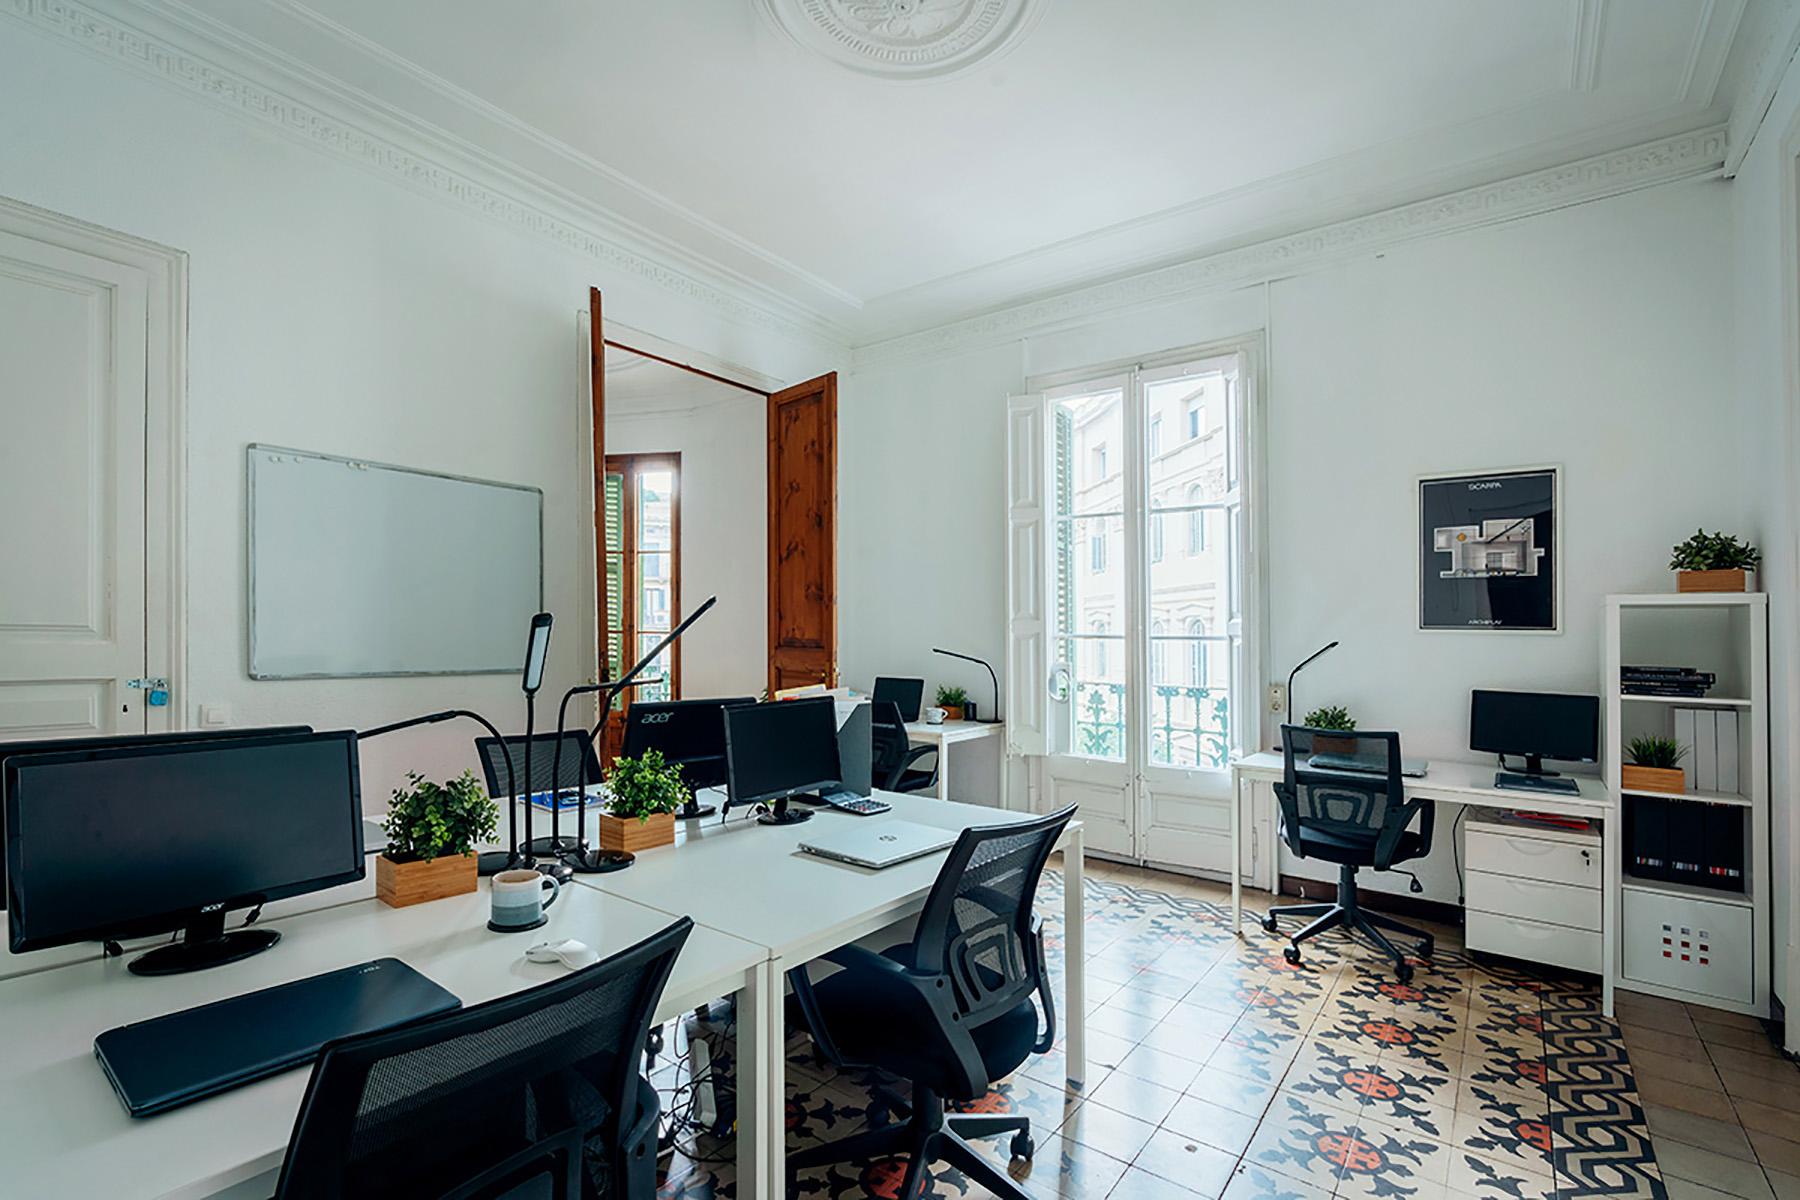 SKY4 sala C oficina privada